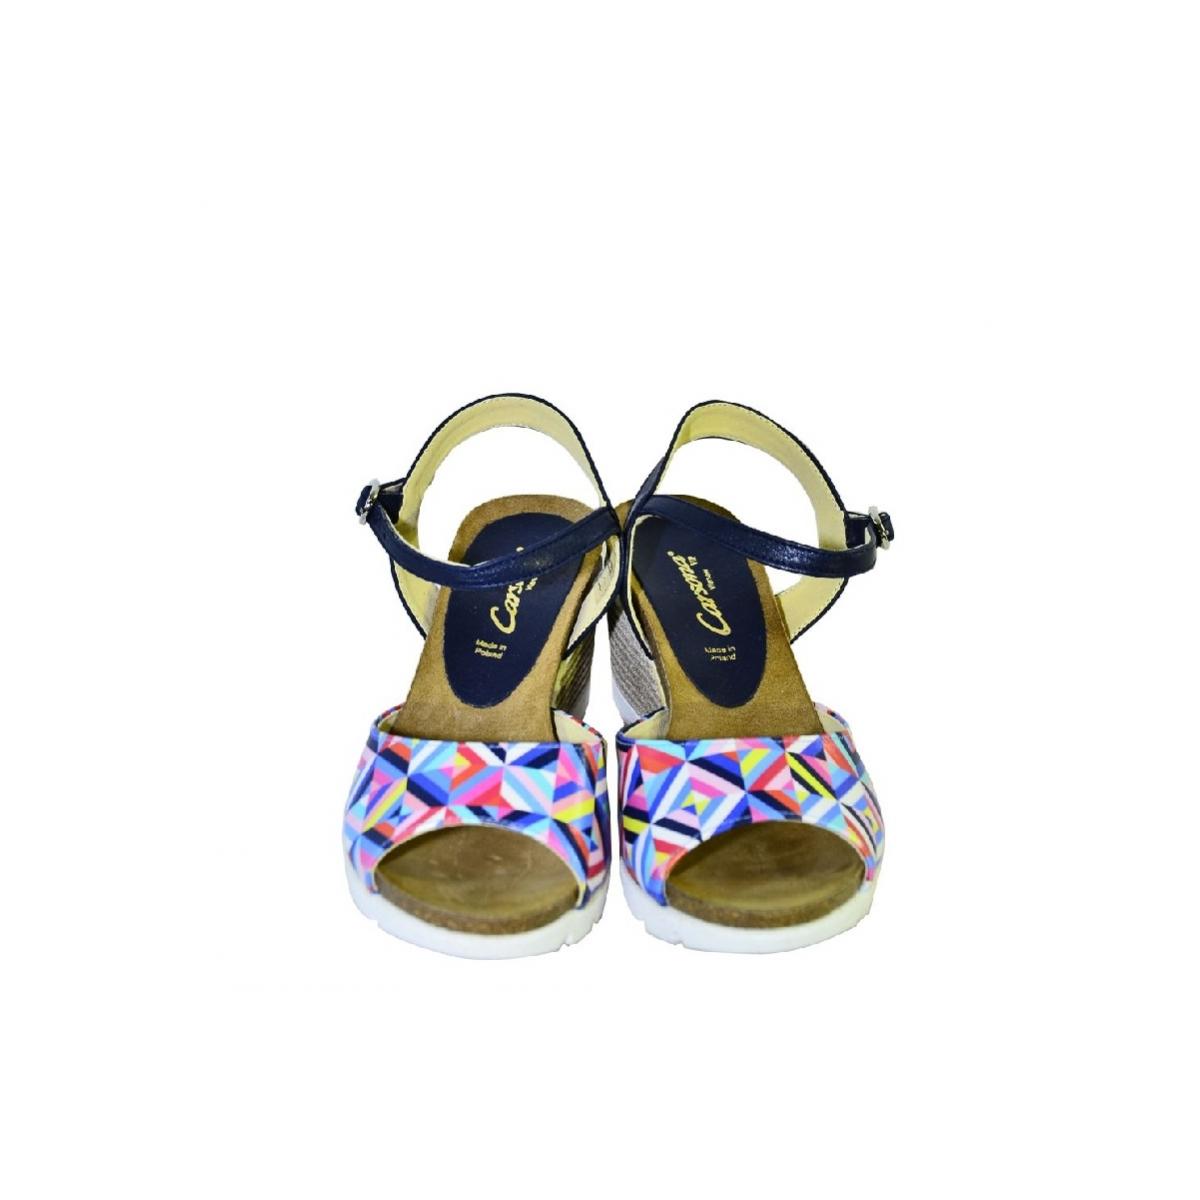 ac7f5e366877 Farebné kožené sandále na klinovom opätku Carsona TARA - 4